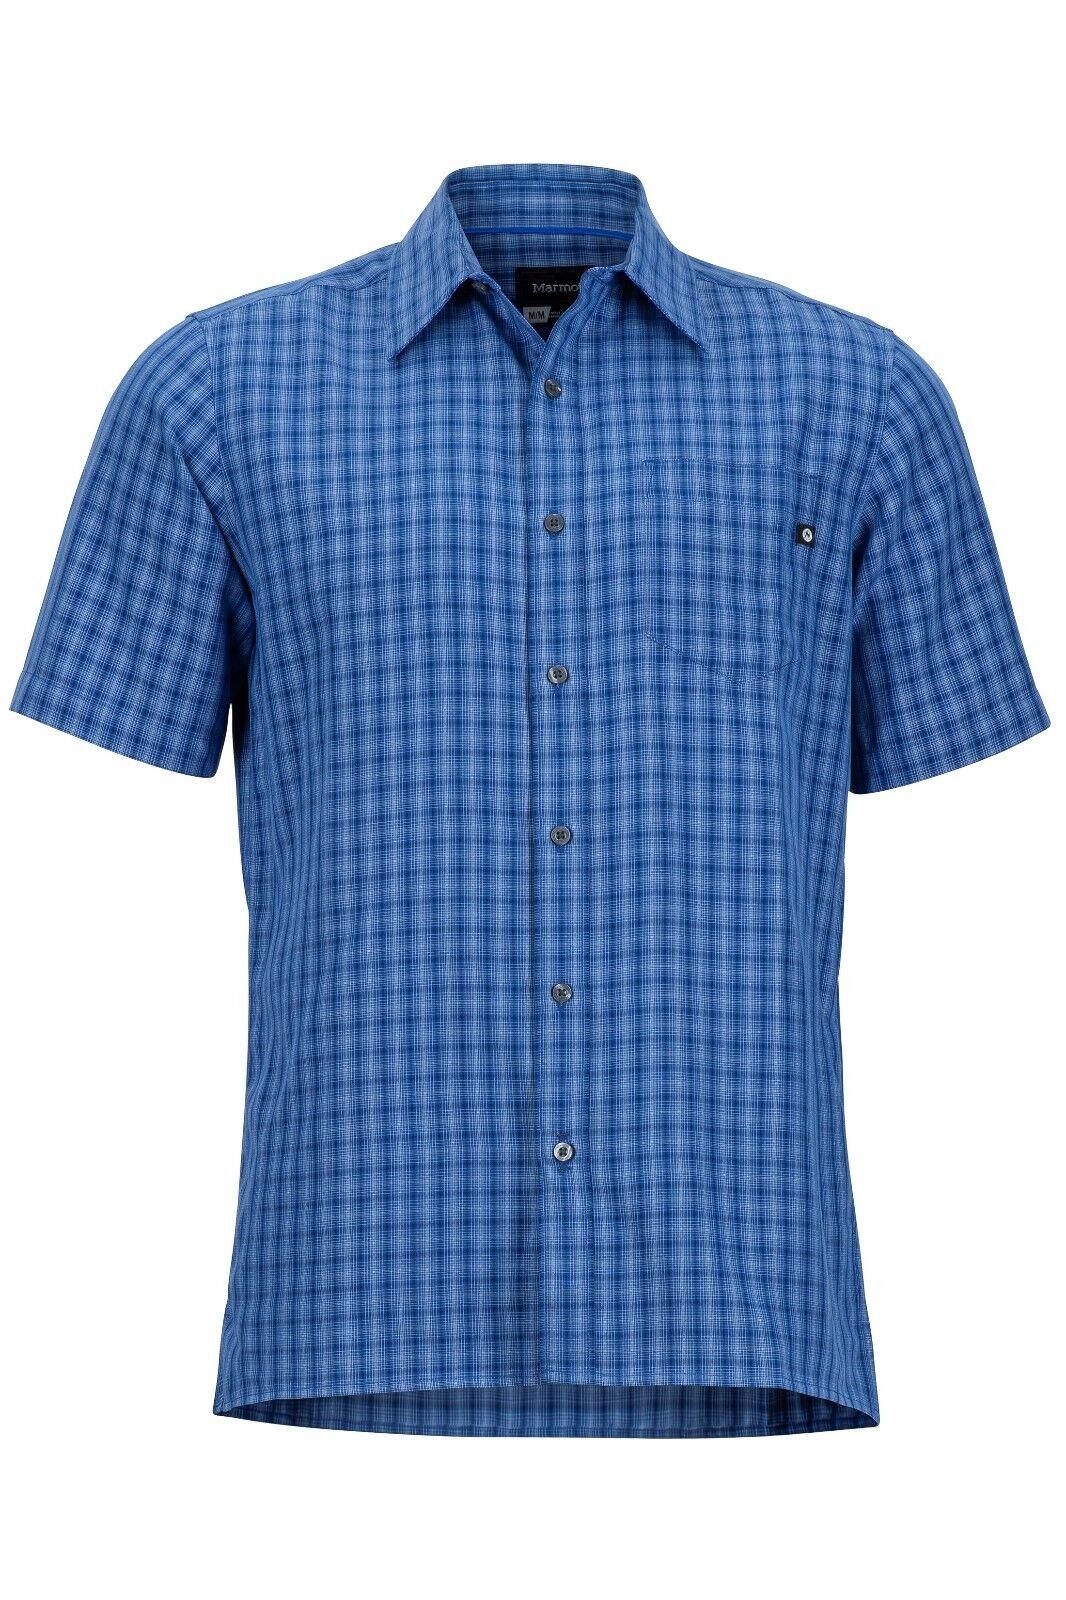 Marmot Eldridge Shirt Short Sleeve, Function Shirt for Men, Varsity bluee